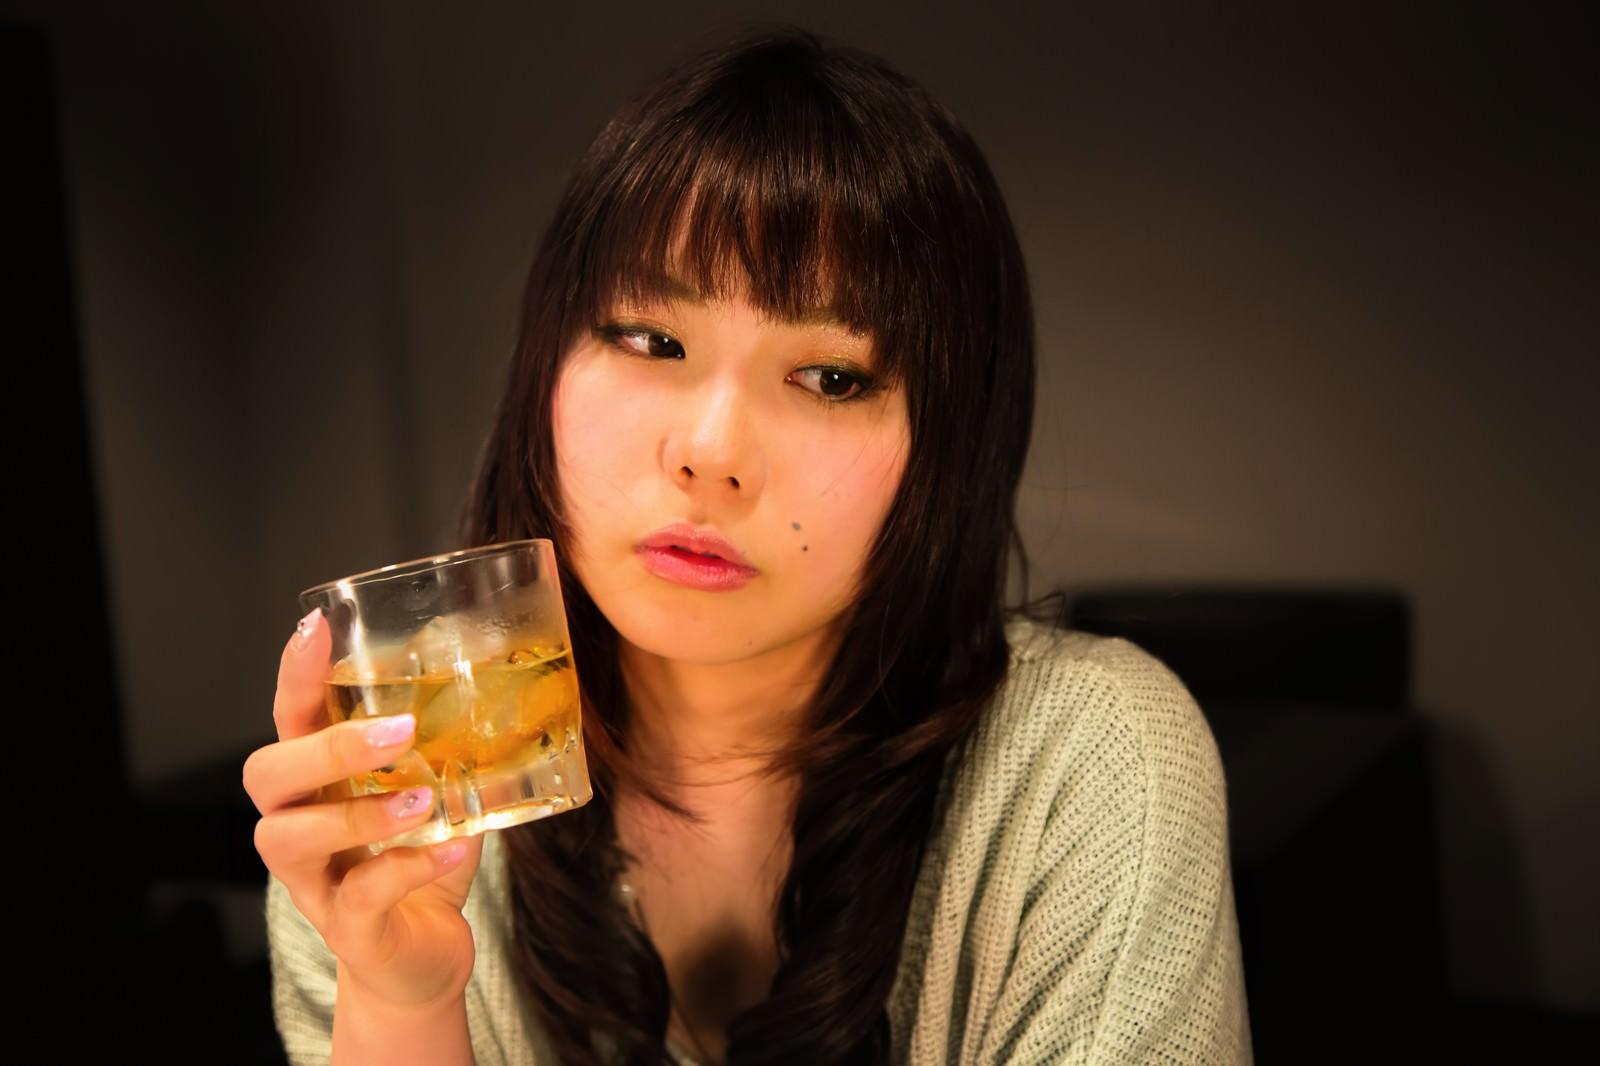 「「最近疲れちゃったなー」とお酒を飲む女性」の写真[モデル:Lala]